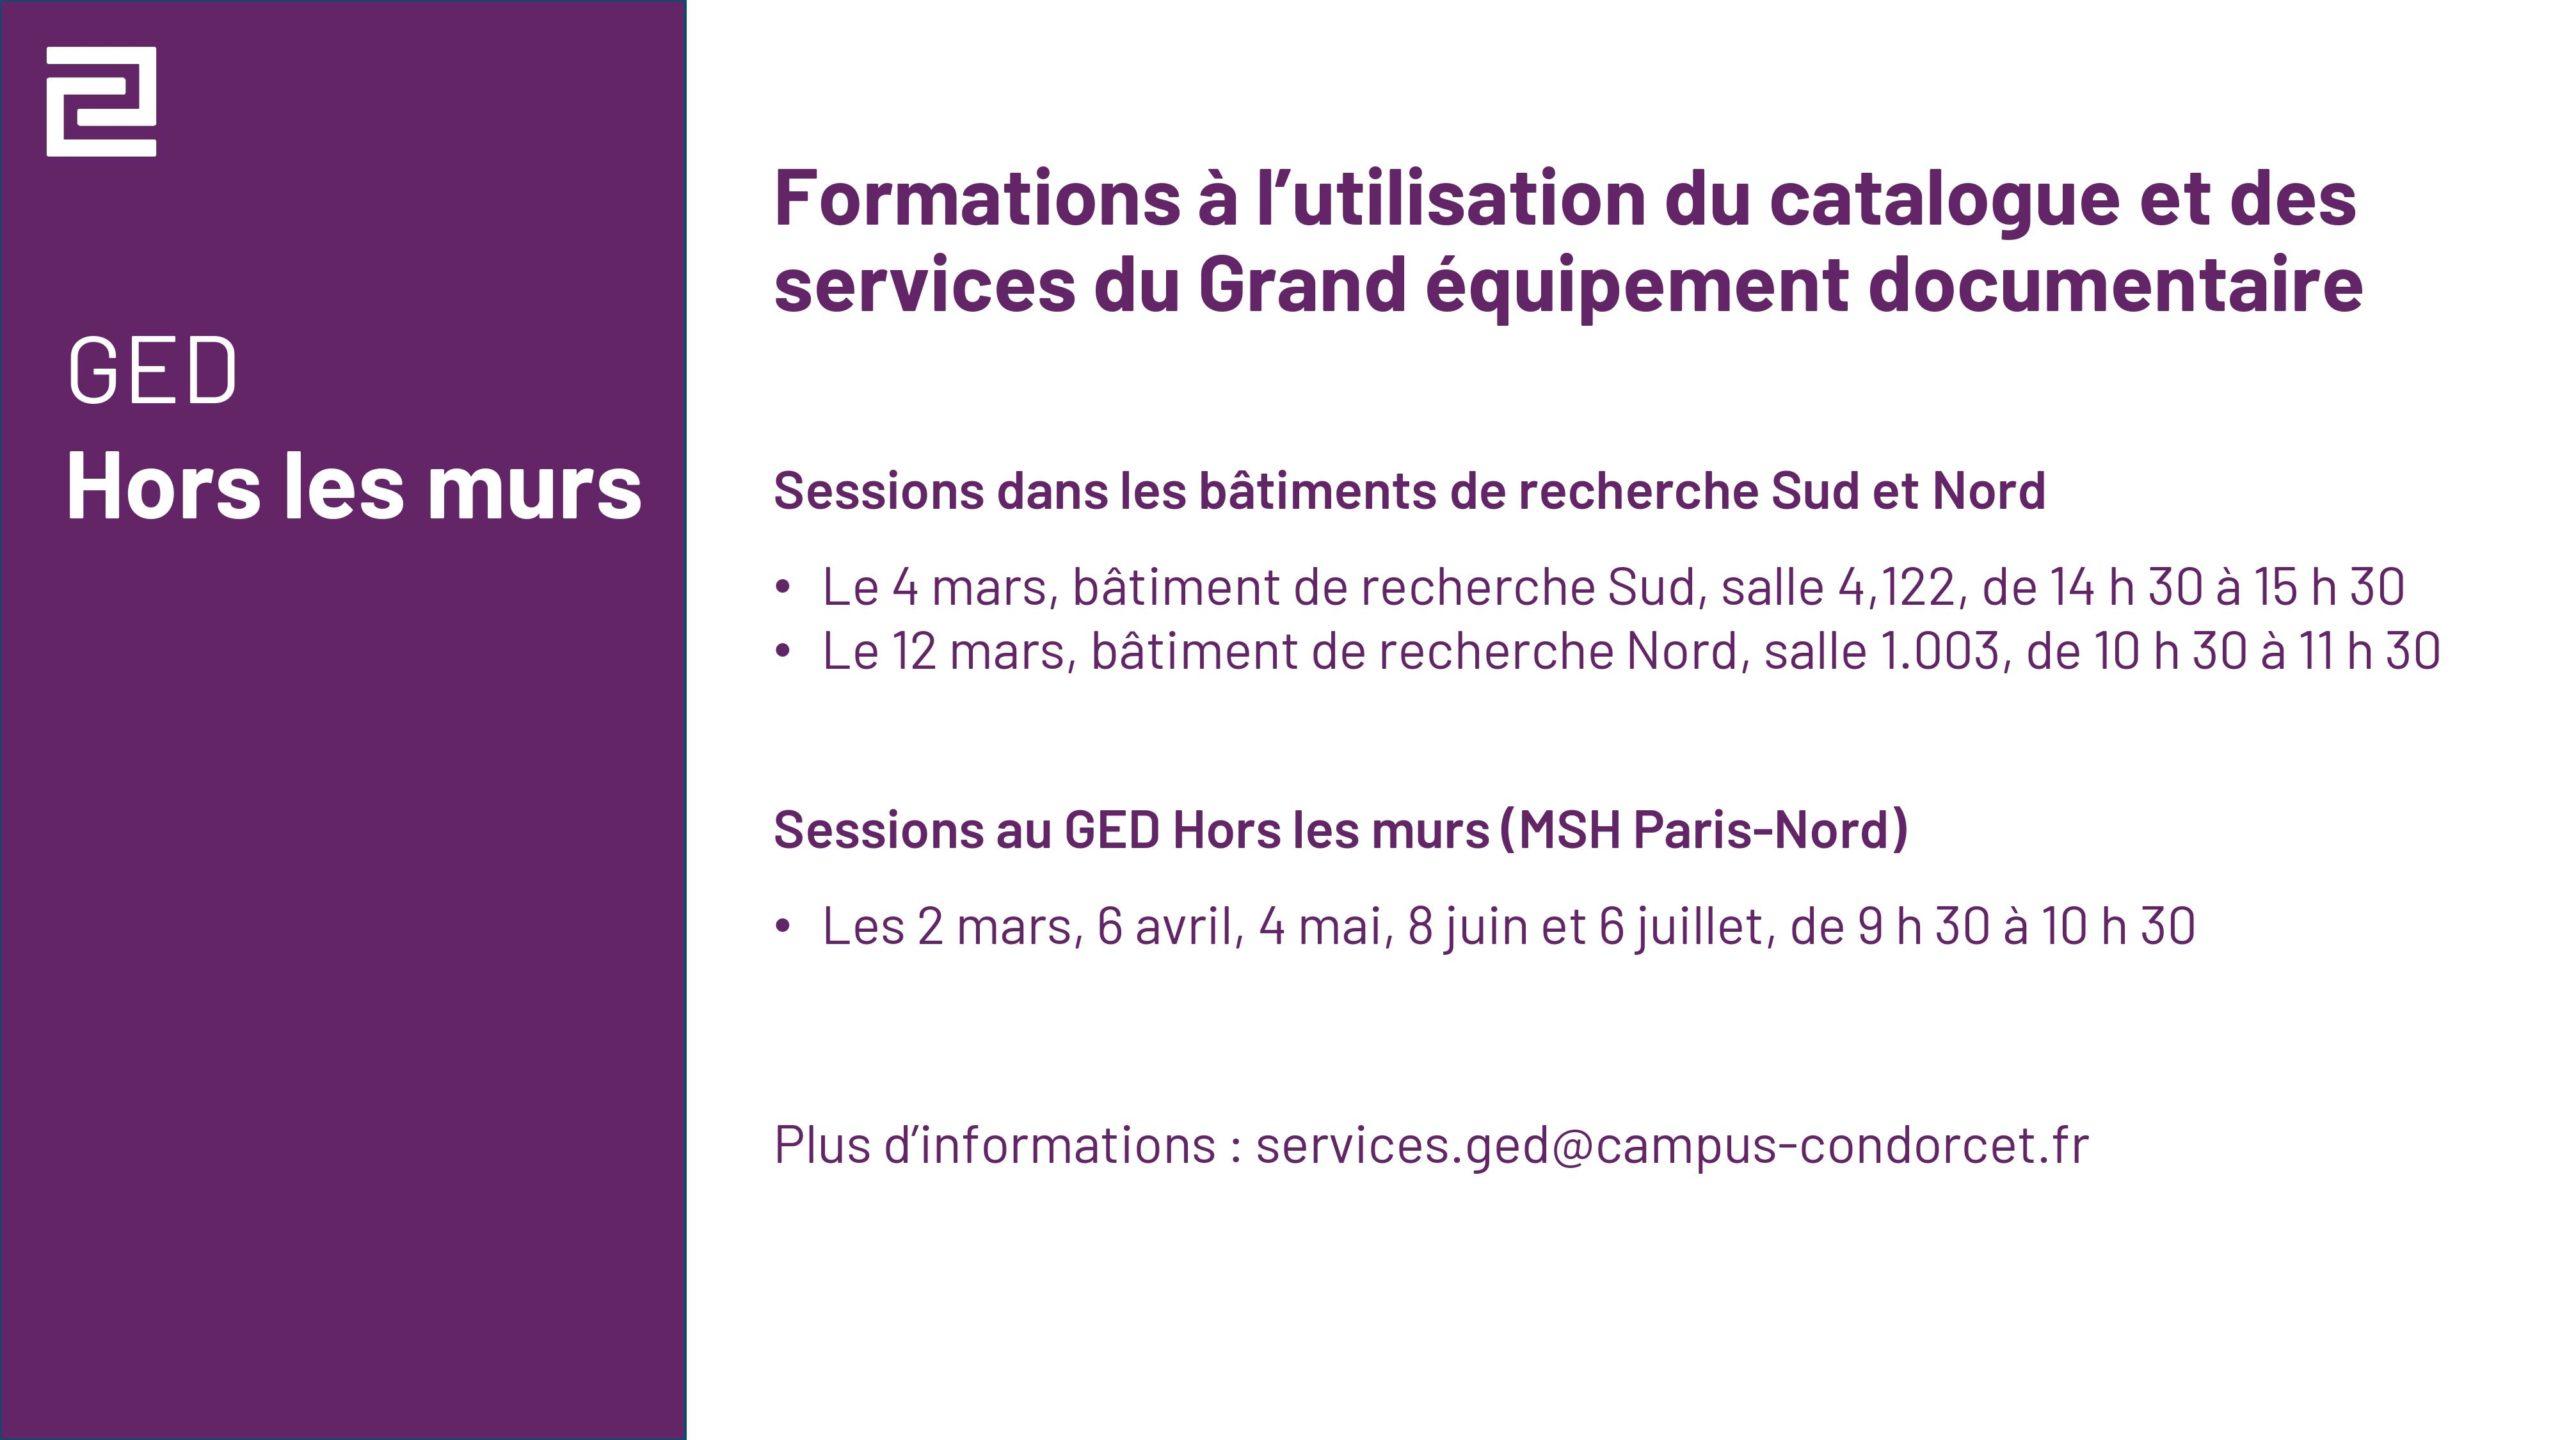 Annonce des formations à l'utilisation du catalogue et des services du GED